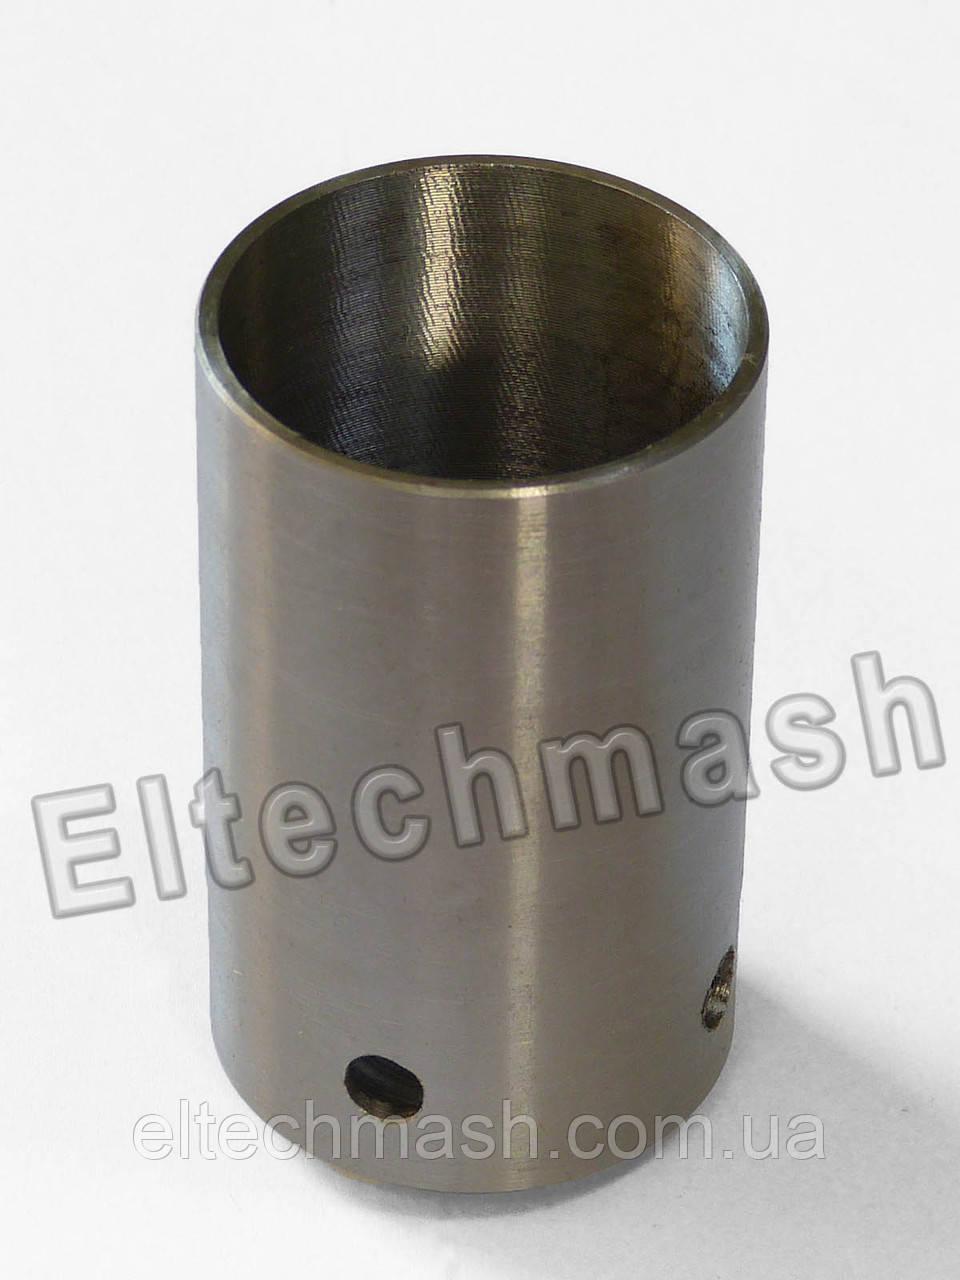 Клапан нагнетательный всасывающий Э400-Ж-30А зап